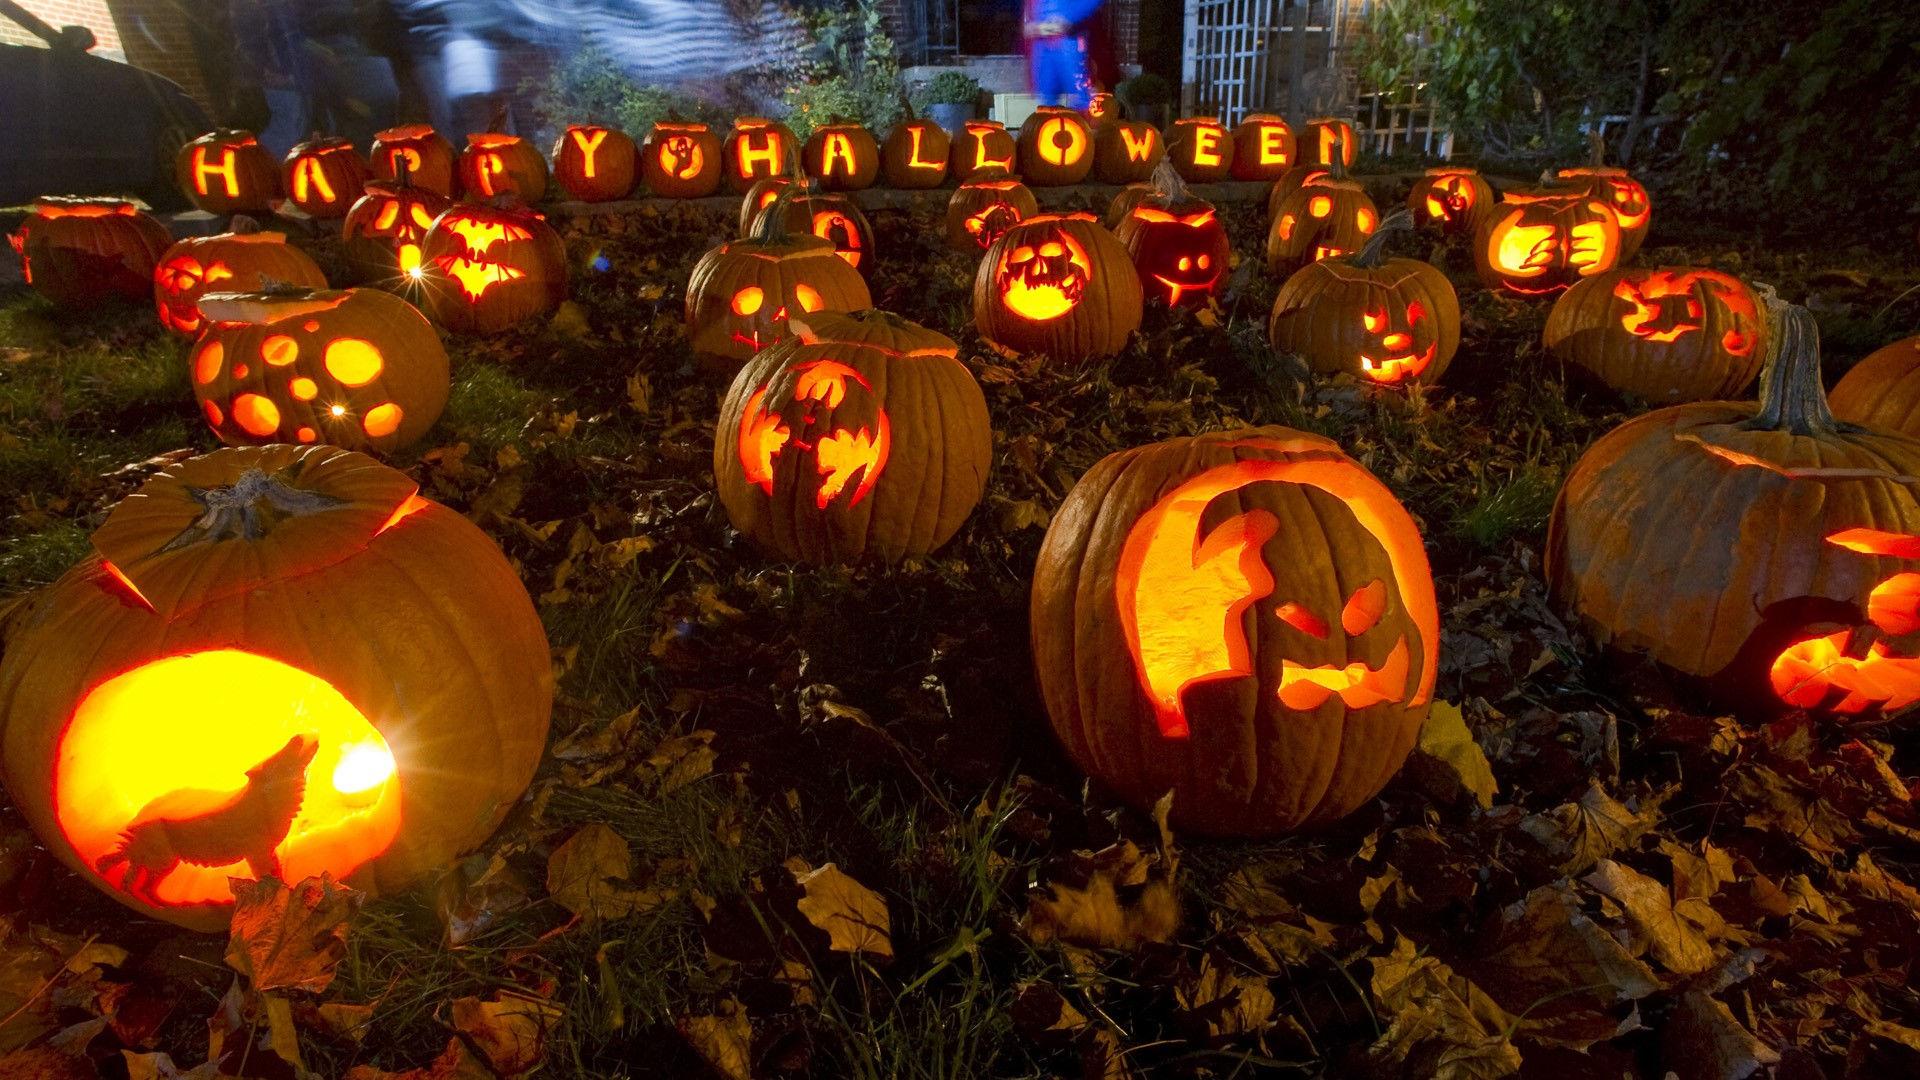 fond d'ecran gratuit halloween